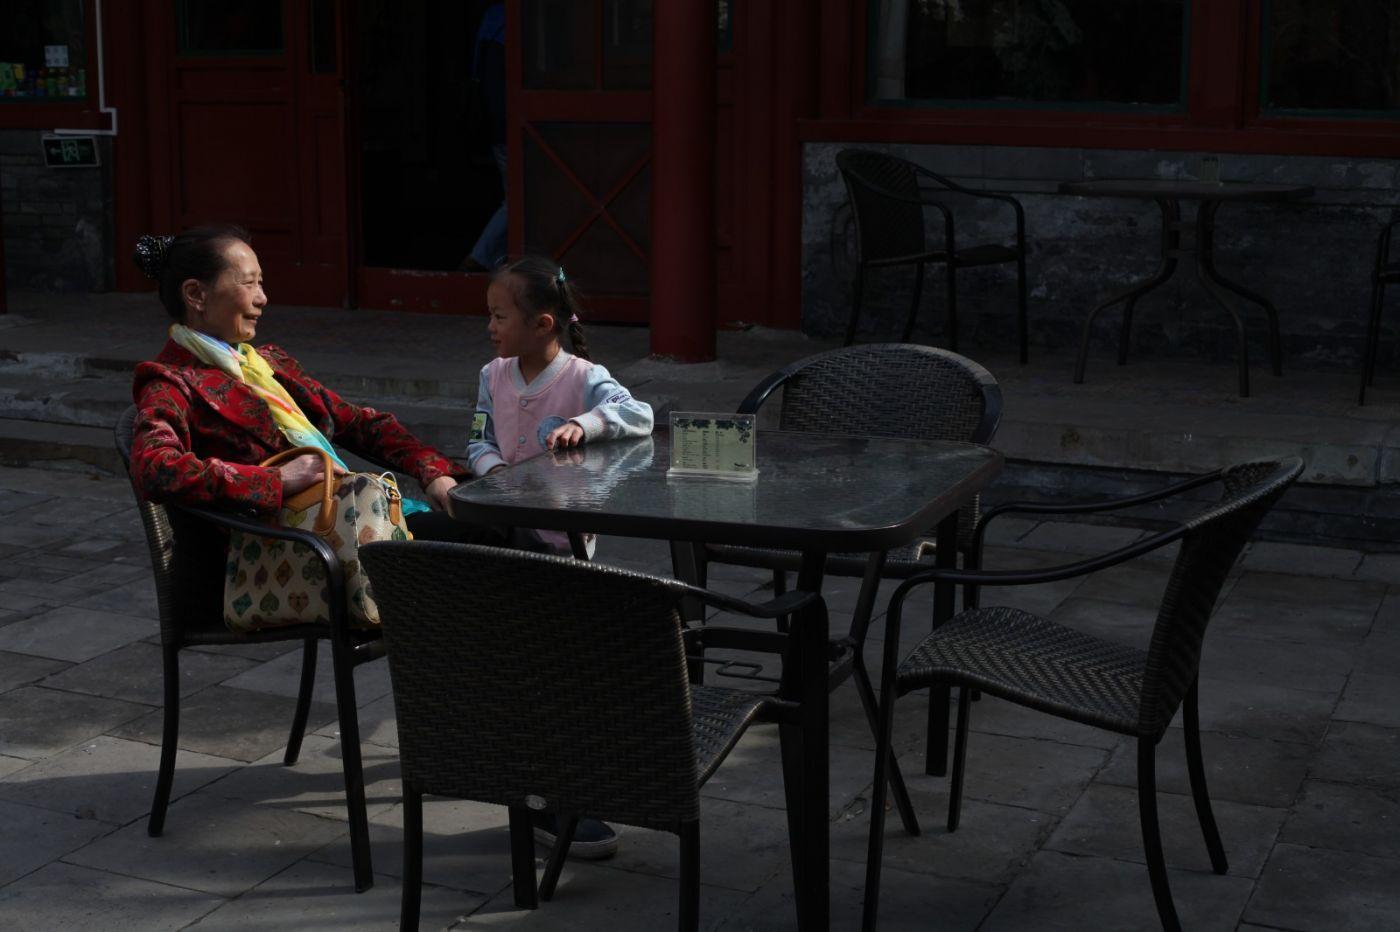 北京南锣鼓巷雨儿胡同齐白石故居_图1-5